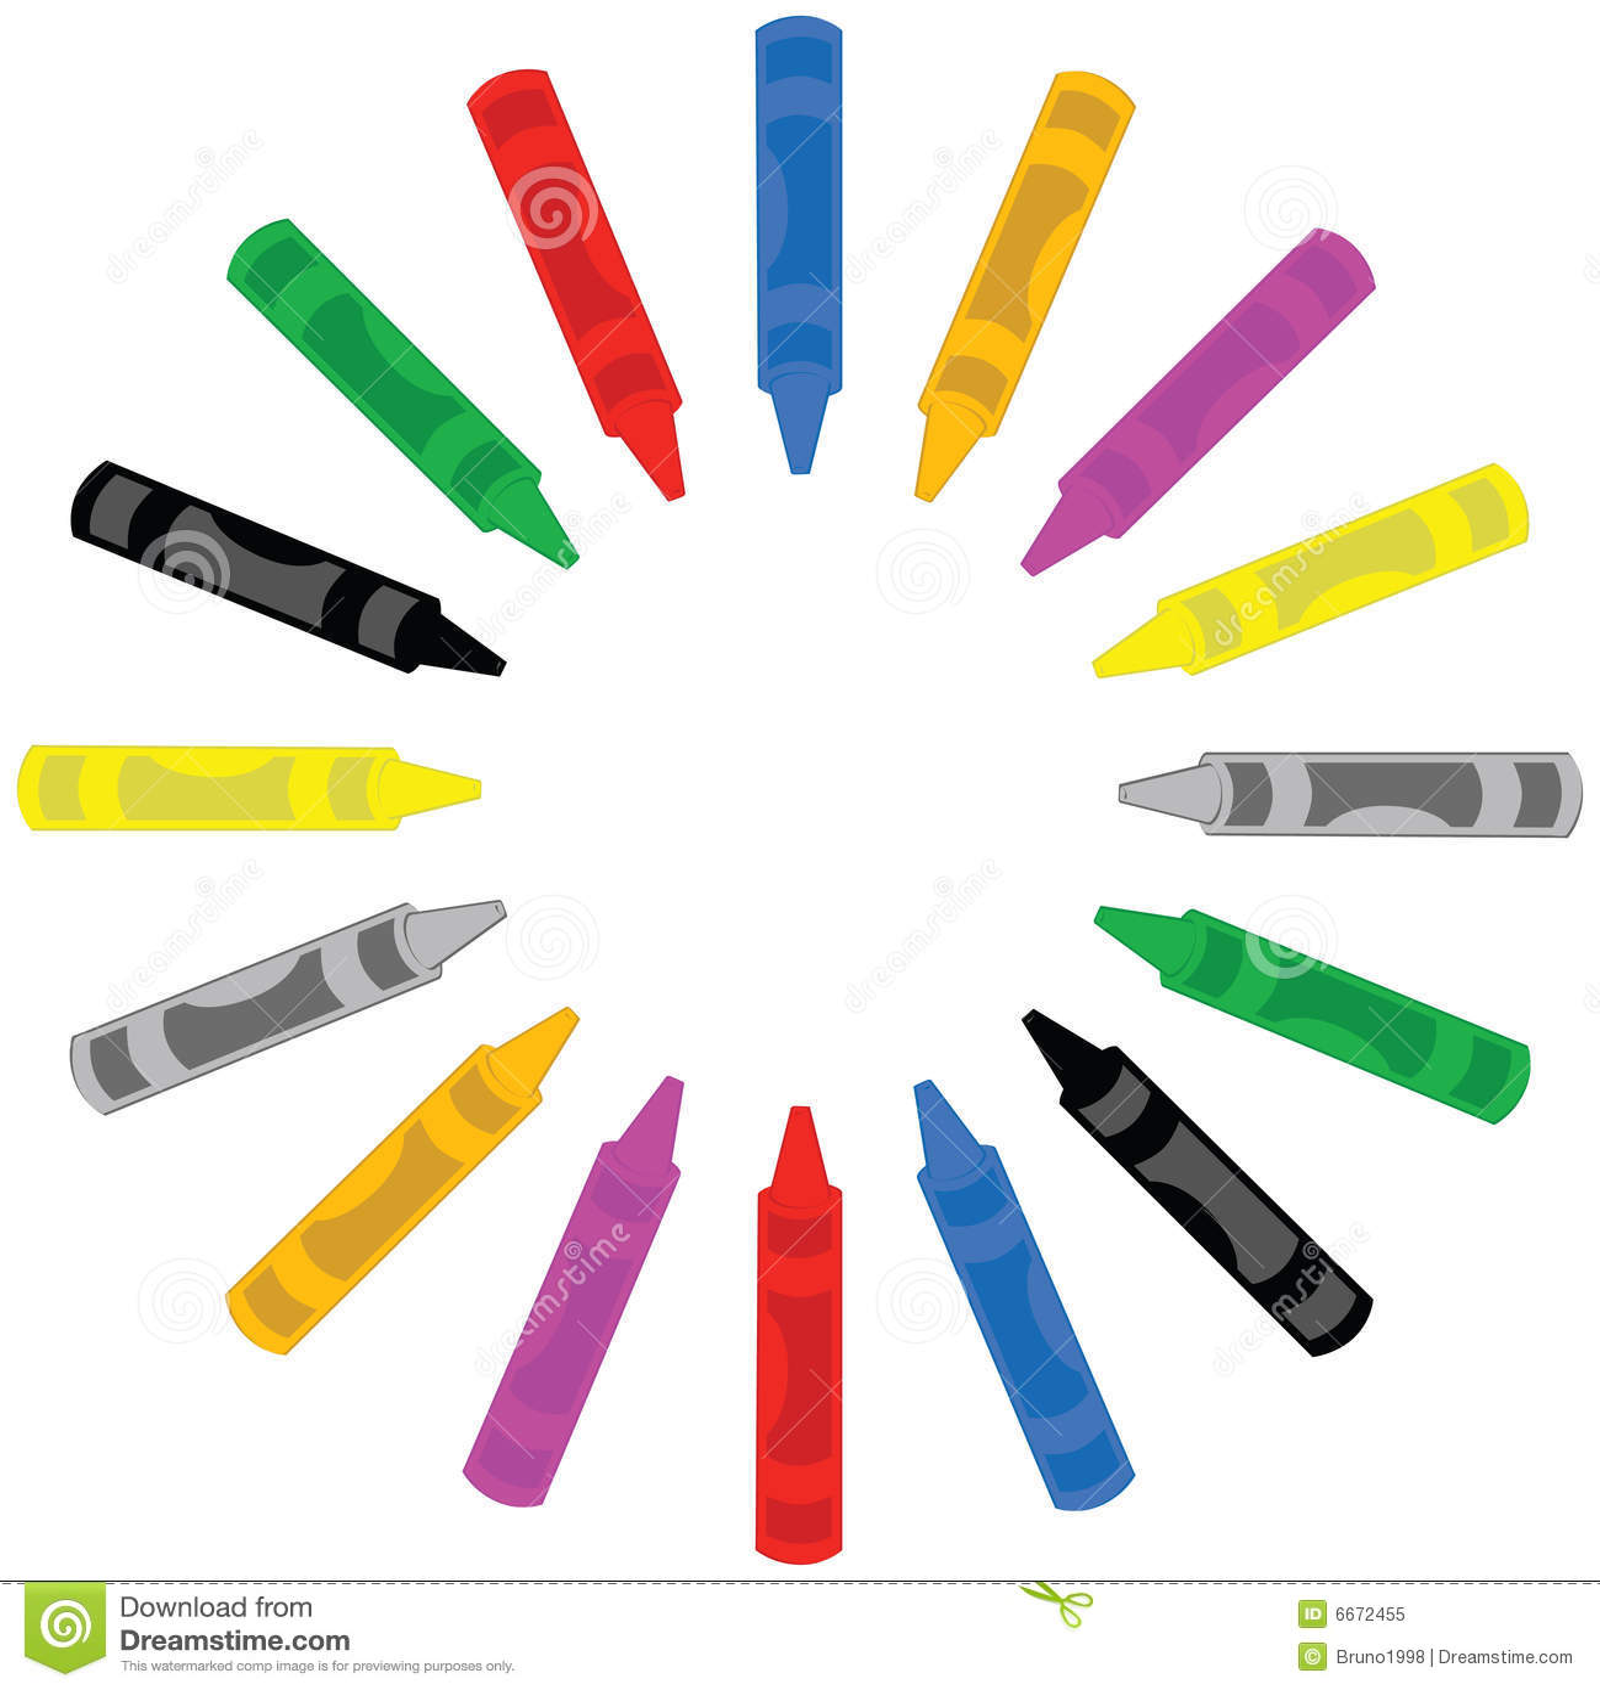 Crayon Colored Circle : Crayons in a circle royalty free stock photo image